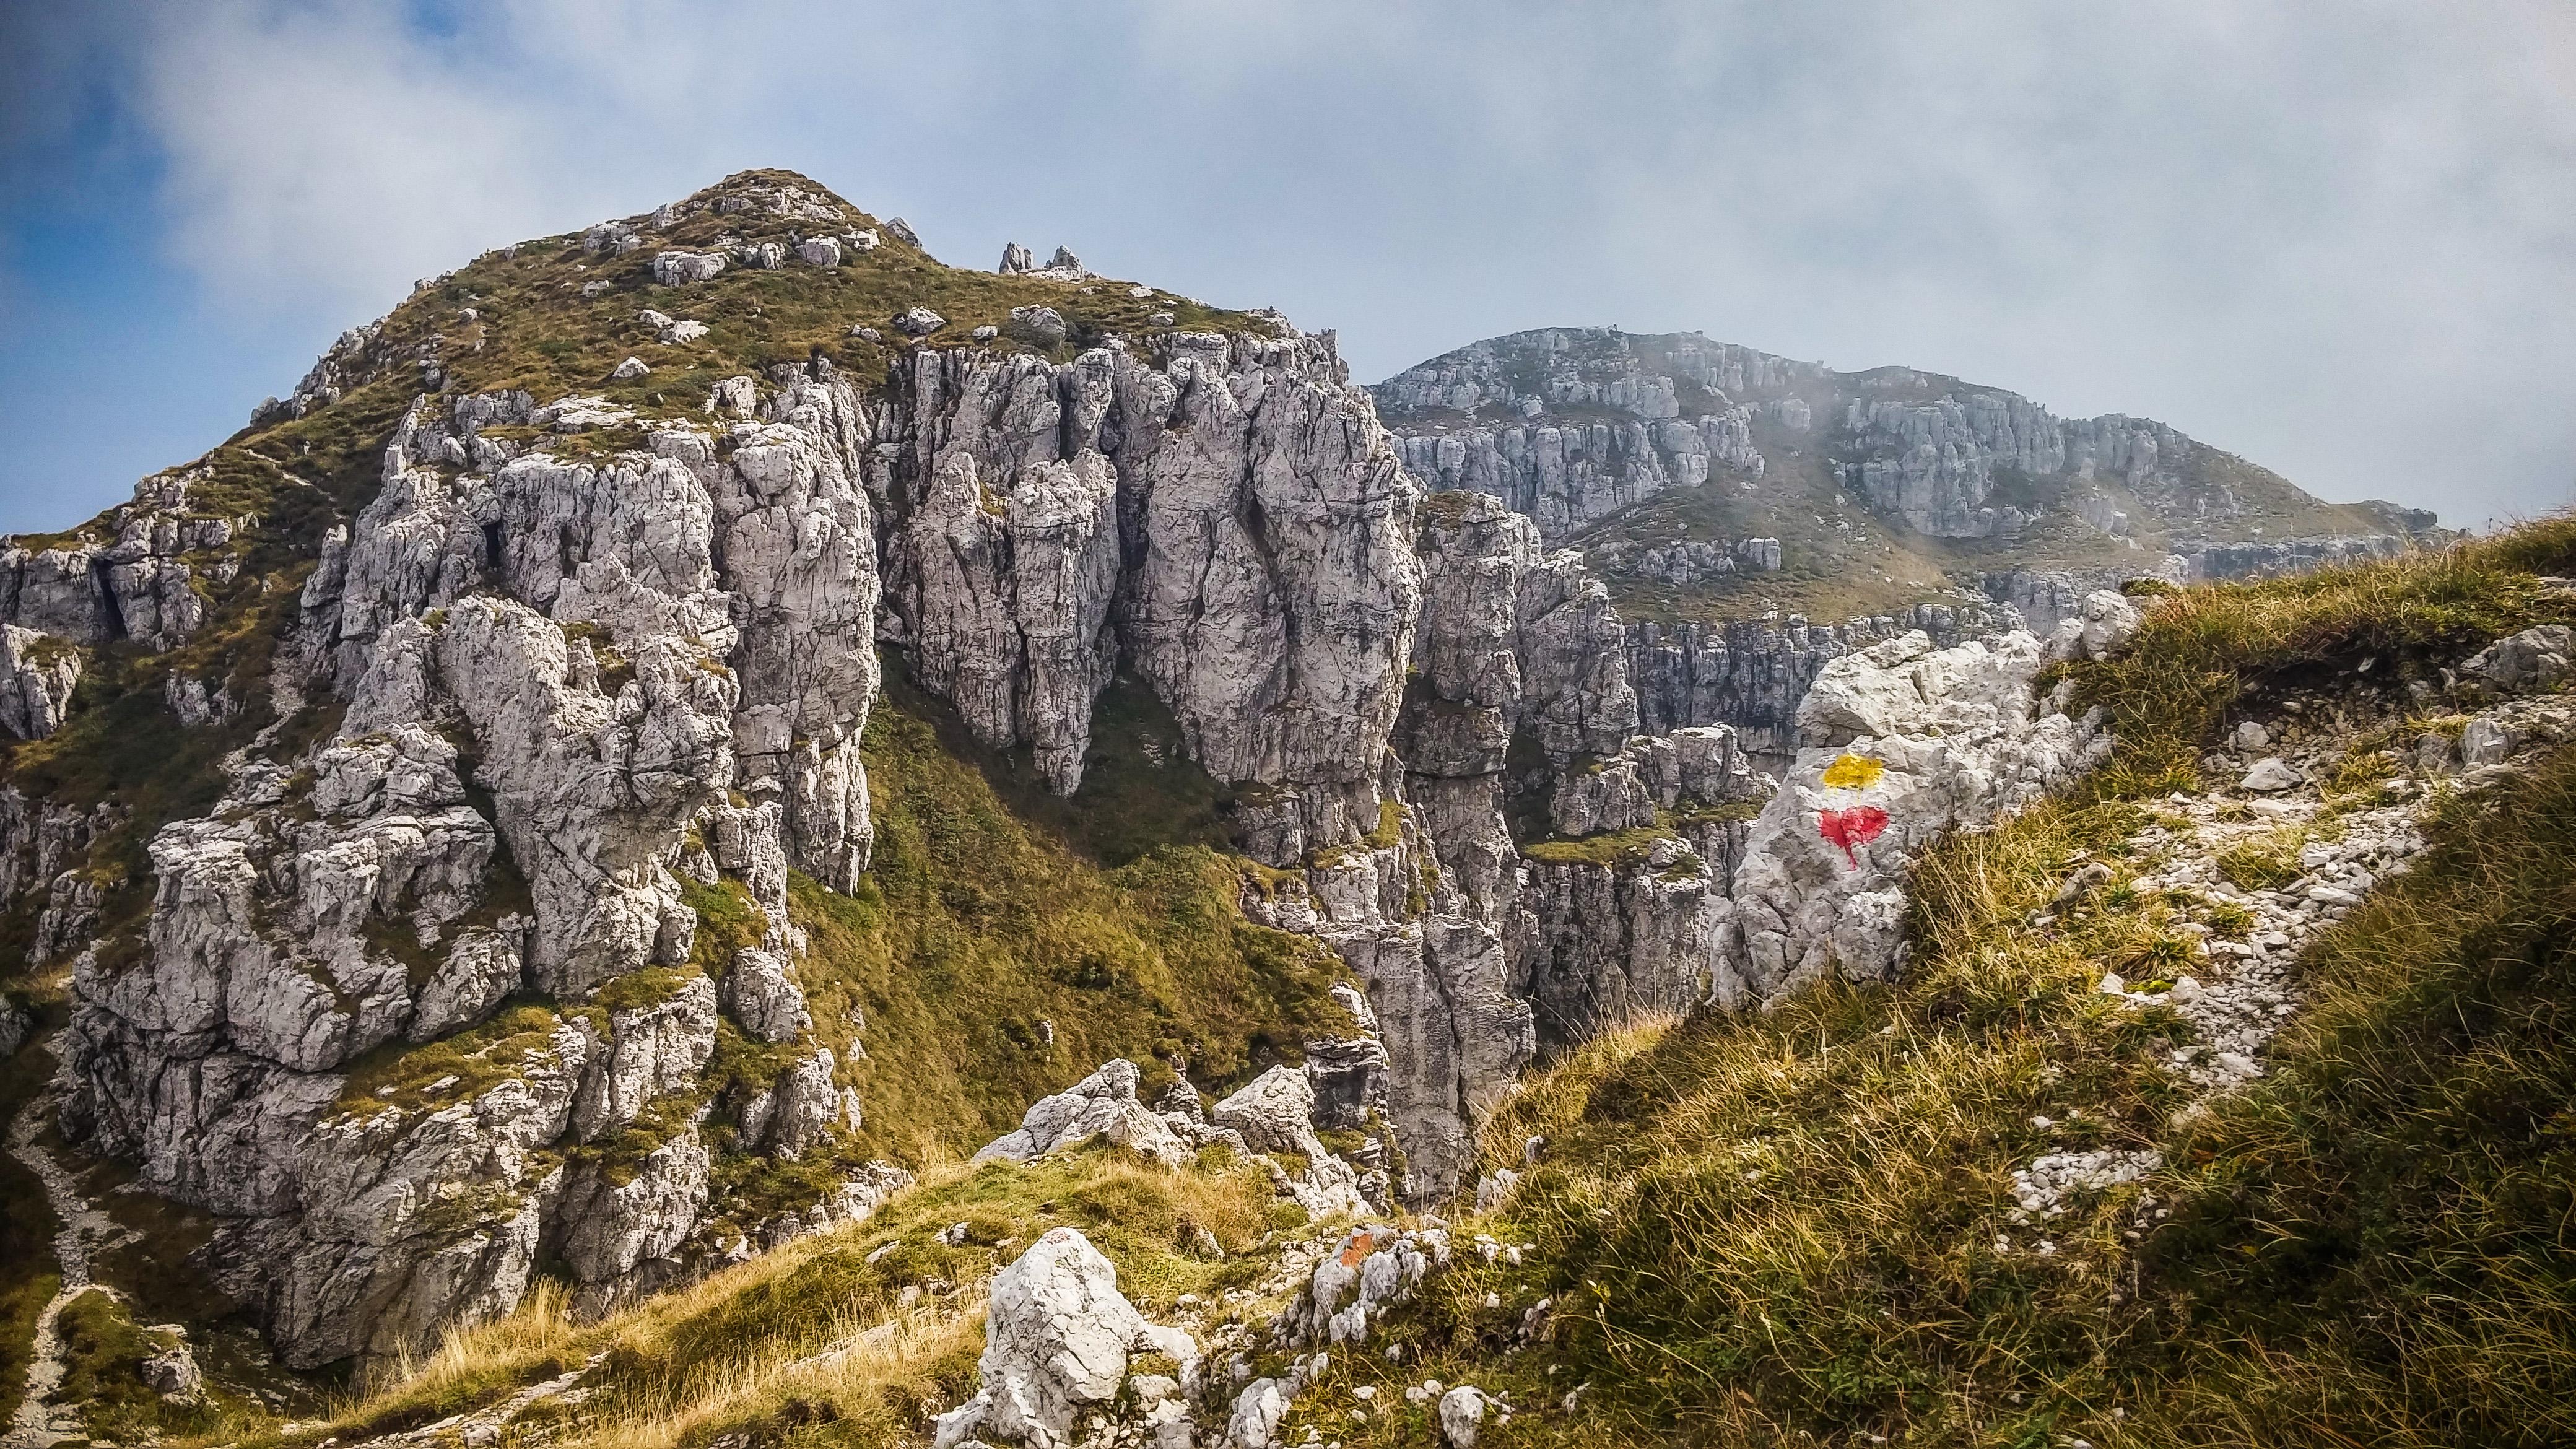 Resegone - Valle Imagna